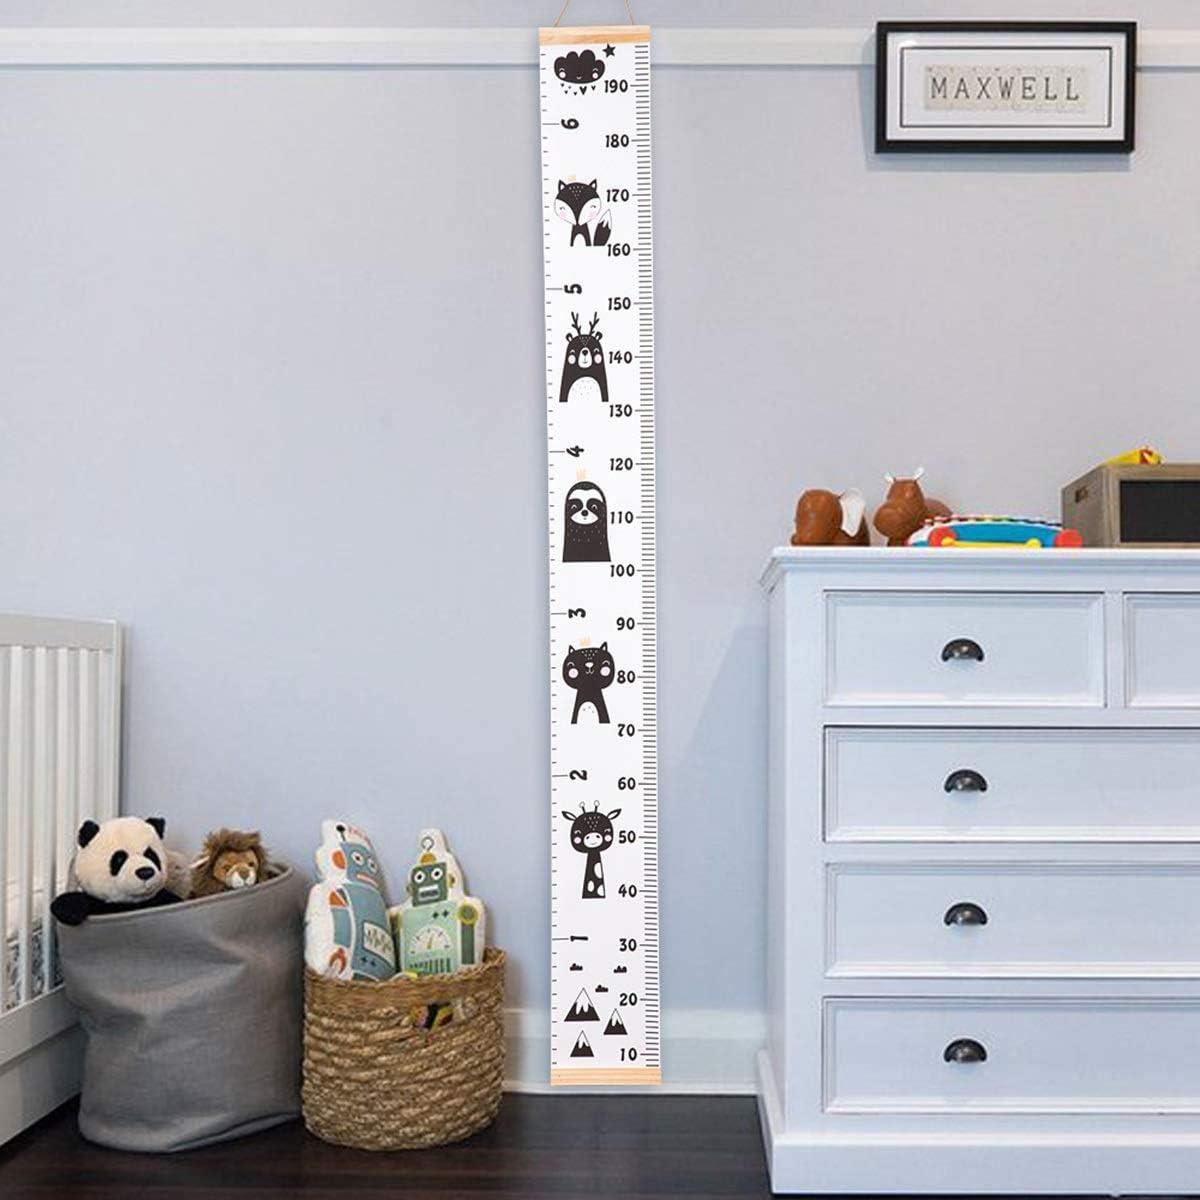 Bois imperm/éable et toile hauteur r/ègle murale r/ègle amovible b/éb/é croissance graphique d/écoration murale pour les enfants